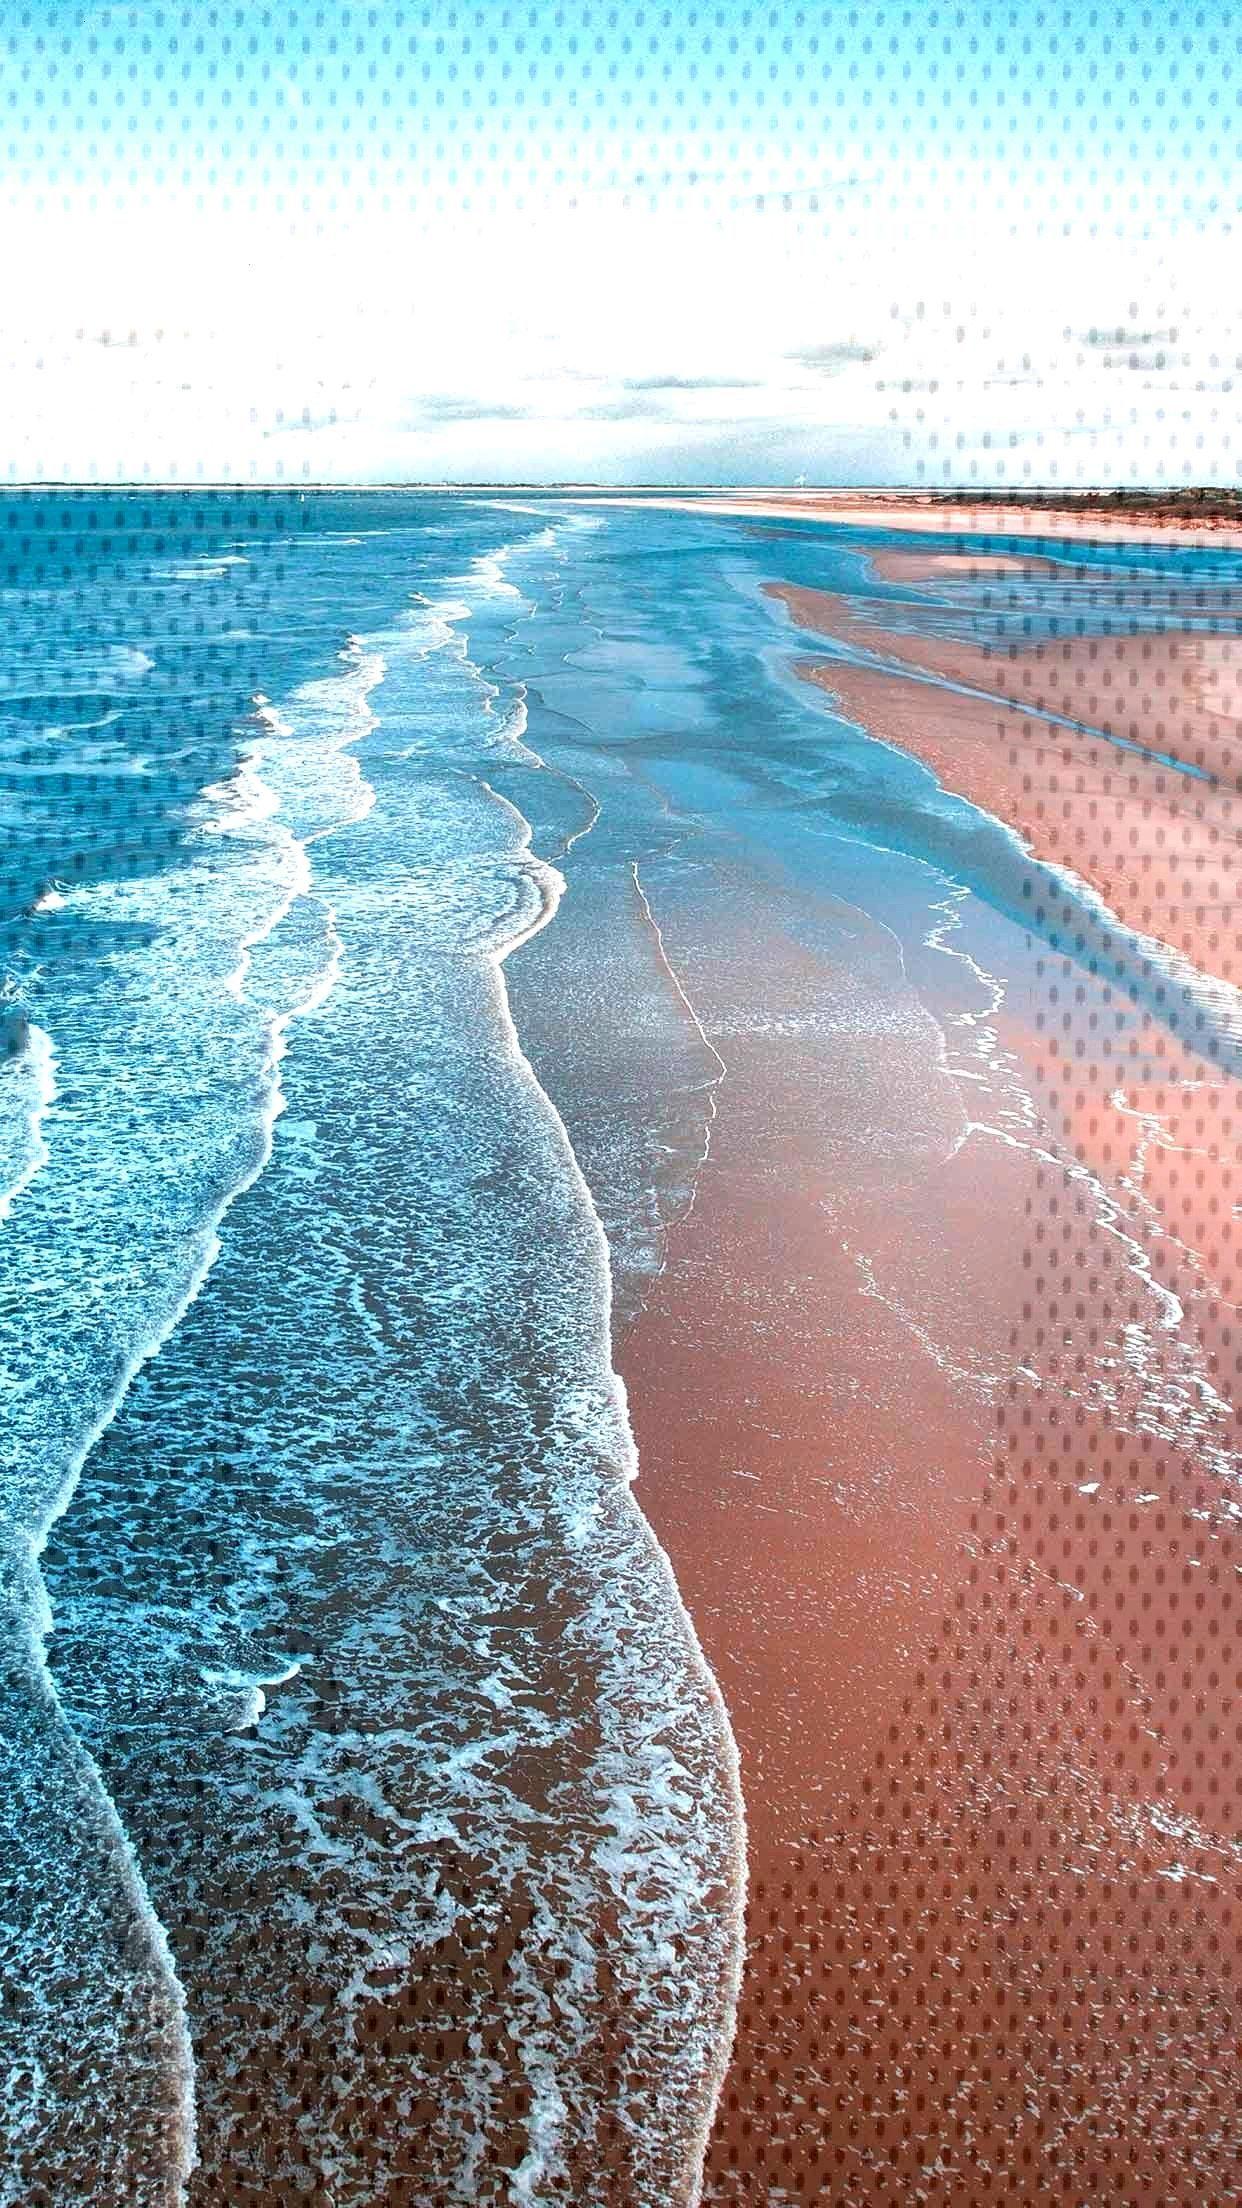 9 Best Ocean iPhone XS Wallpapers – Best Water Beach Sea Backgrounds. 9 Best Ocean iPhone XS Wall